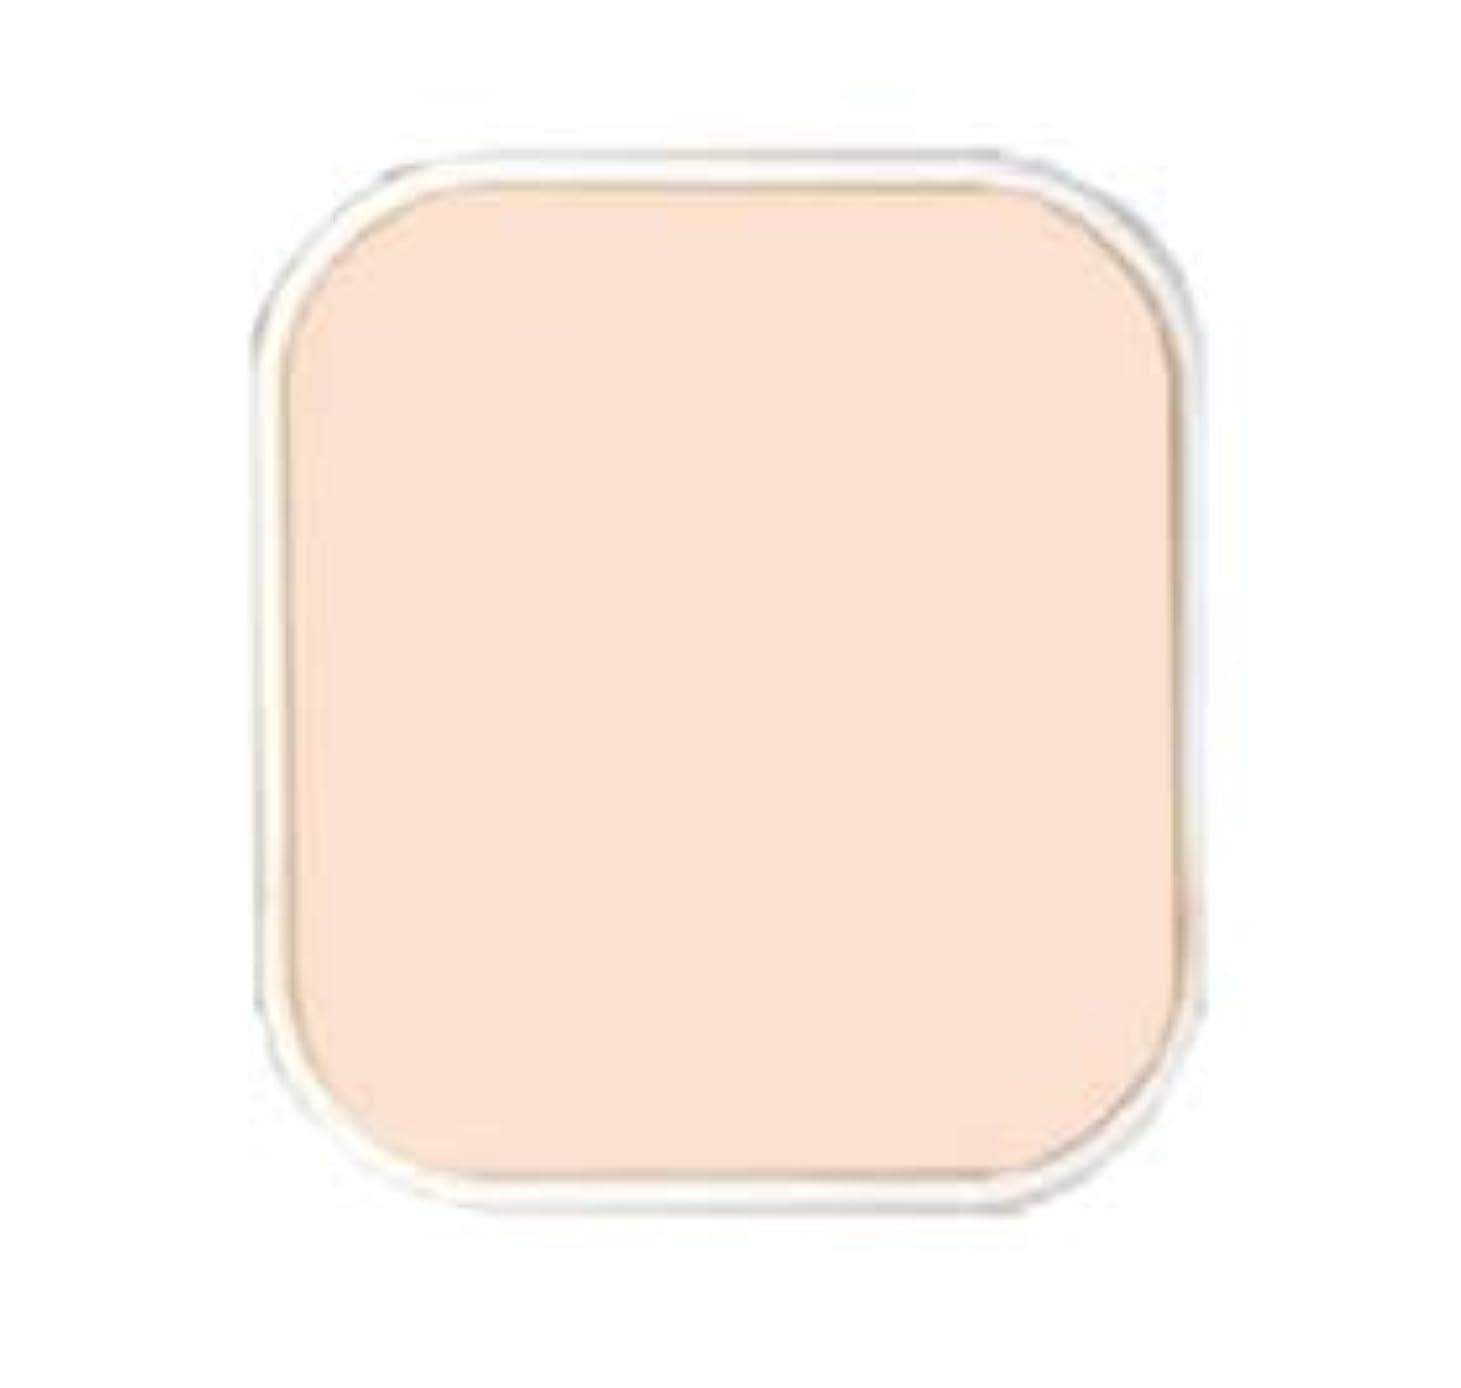 パキスタン治世ブラウスアクセーヌ クリーミィファンデーションPV(リフィル)<P10明るいピンク系>※ケース別売り(11g)